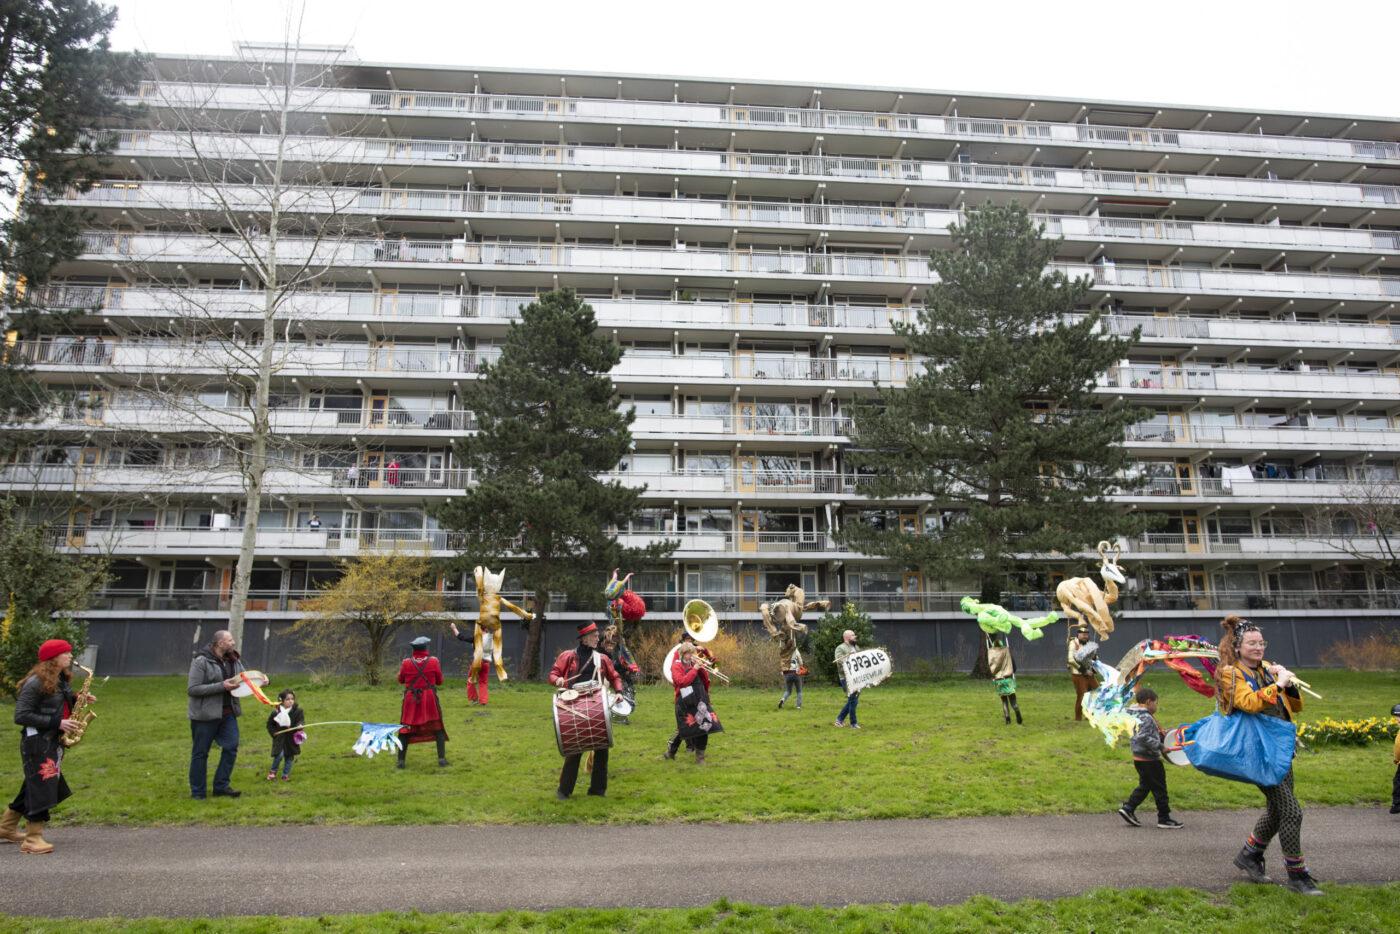 FF_ParadeMolenwijk_fotoAnneliesVerhelst_13-scaled